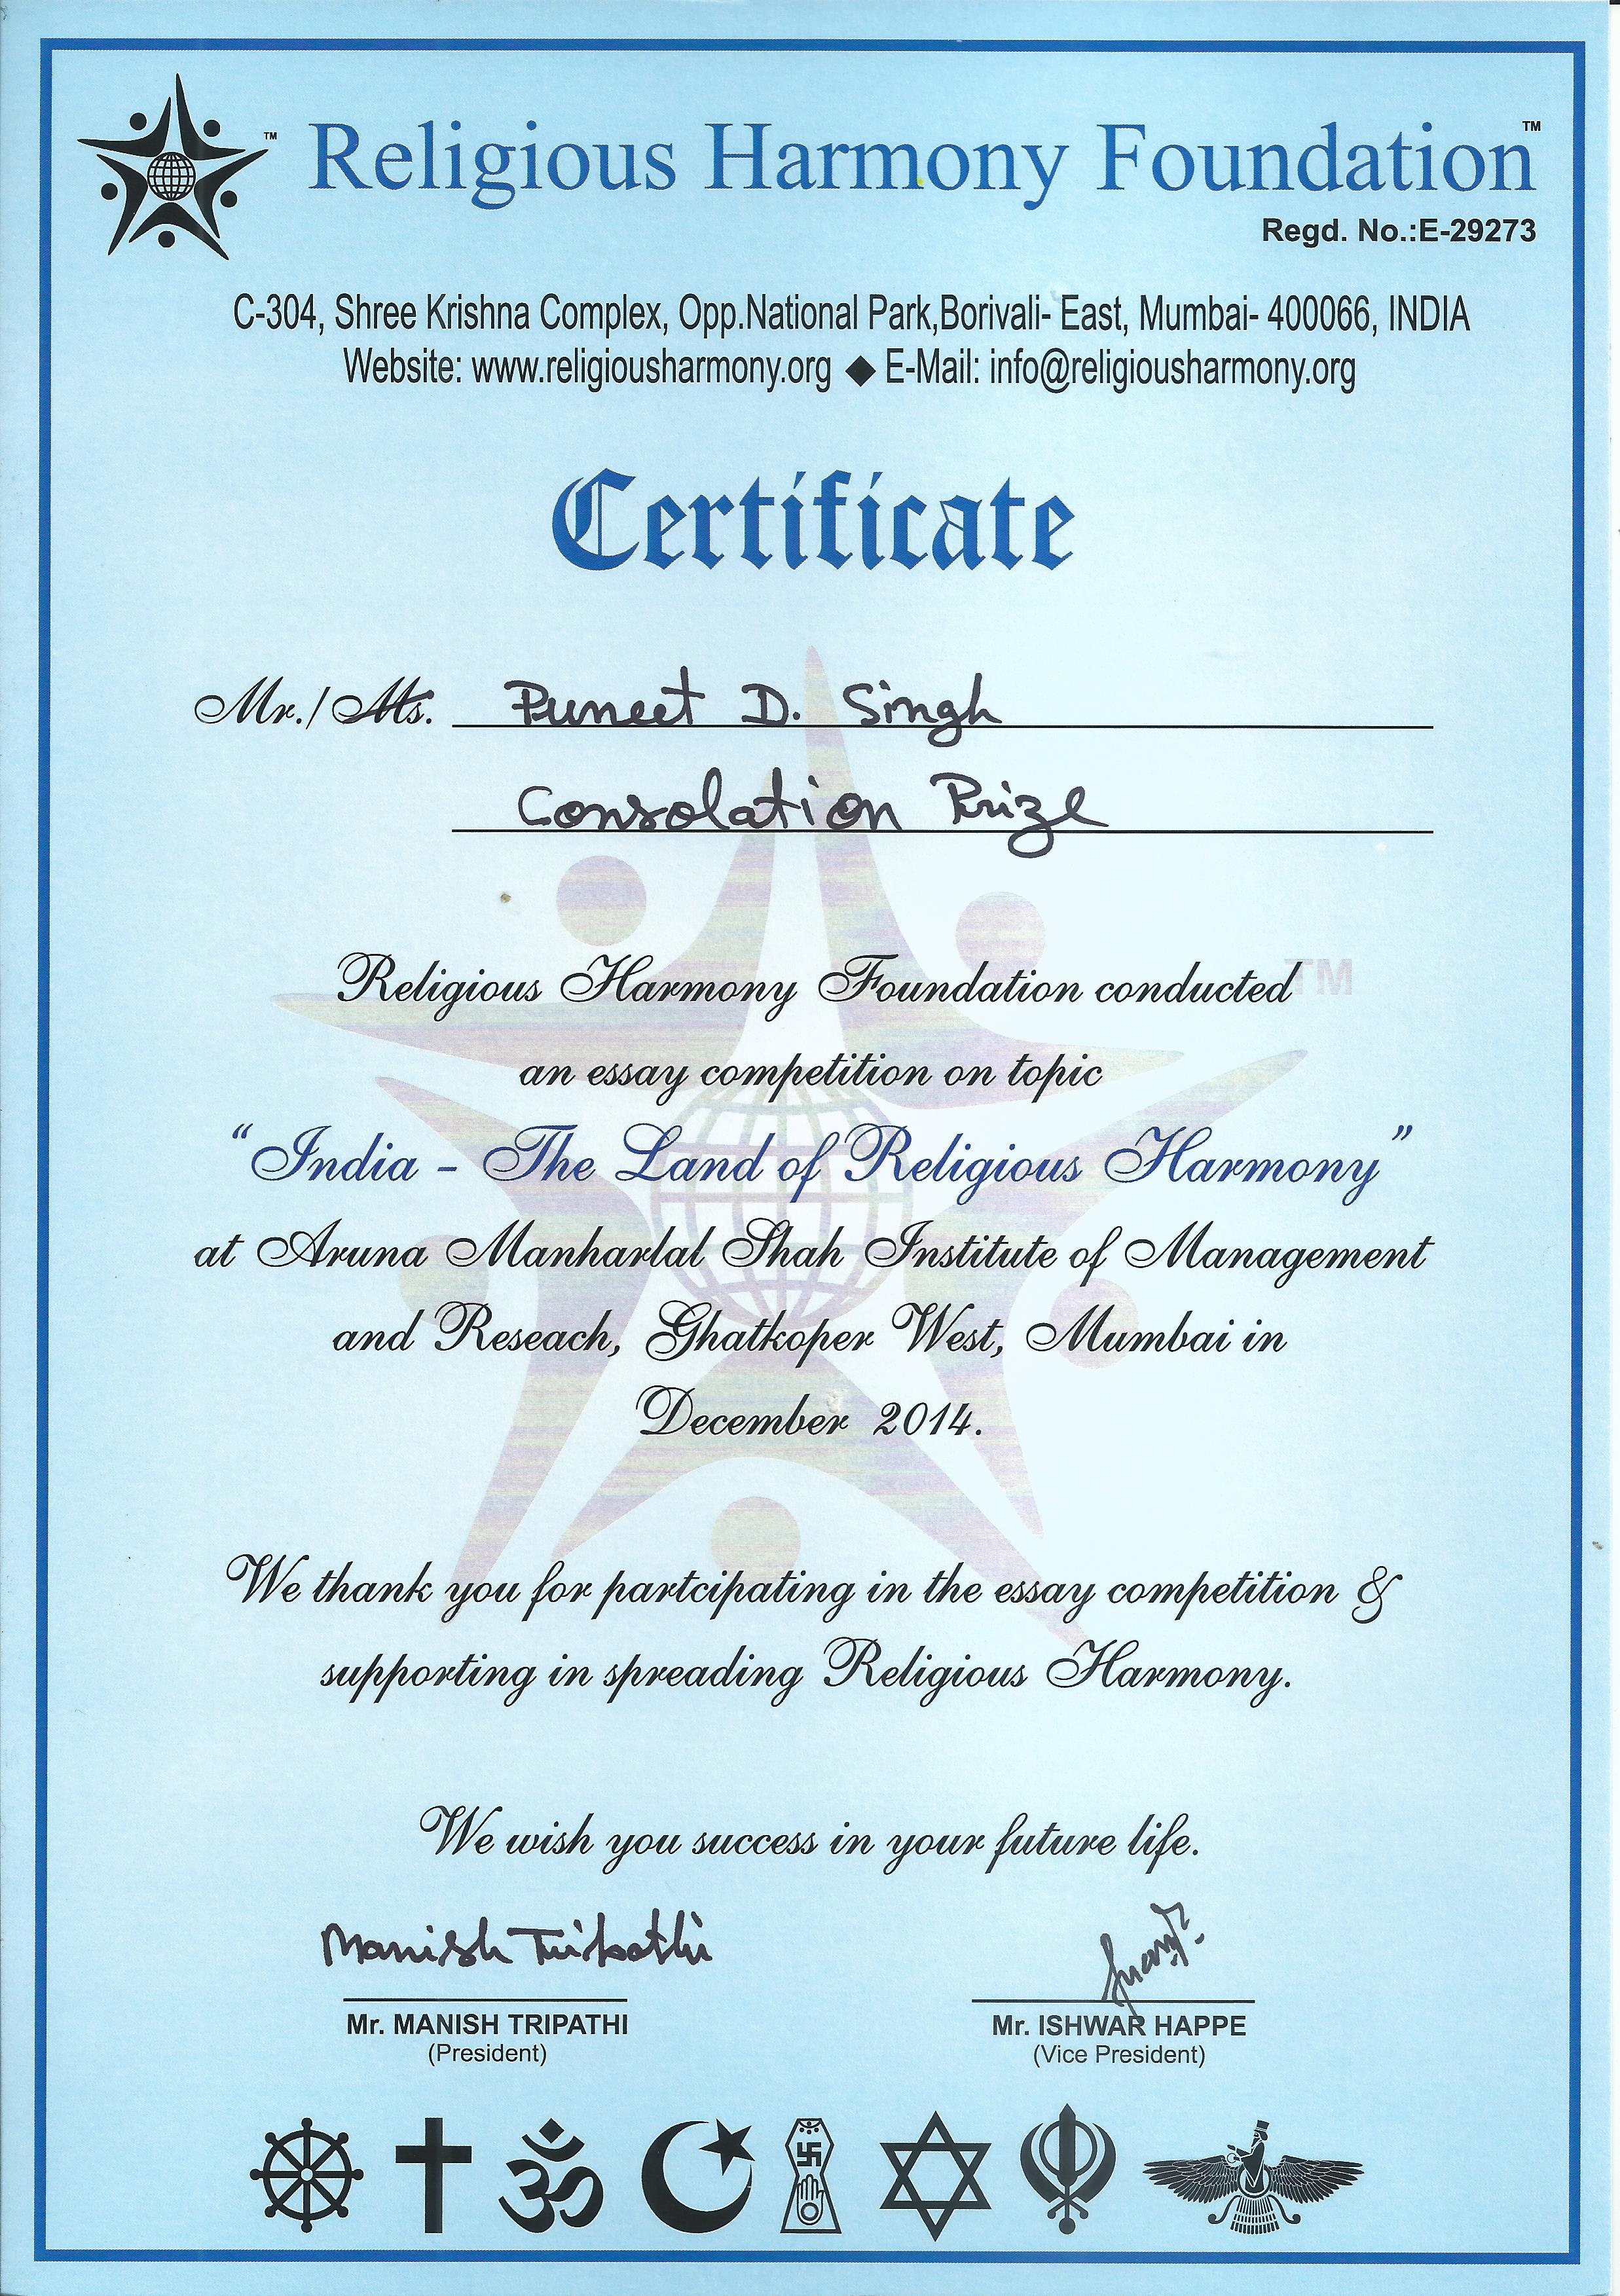 Sample-Certificate-Religious-Harmony-Foundation-Mumbai.jpg